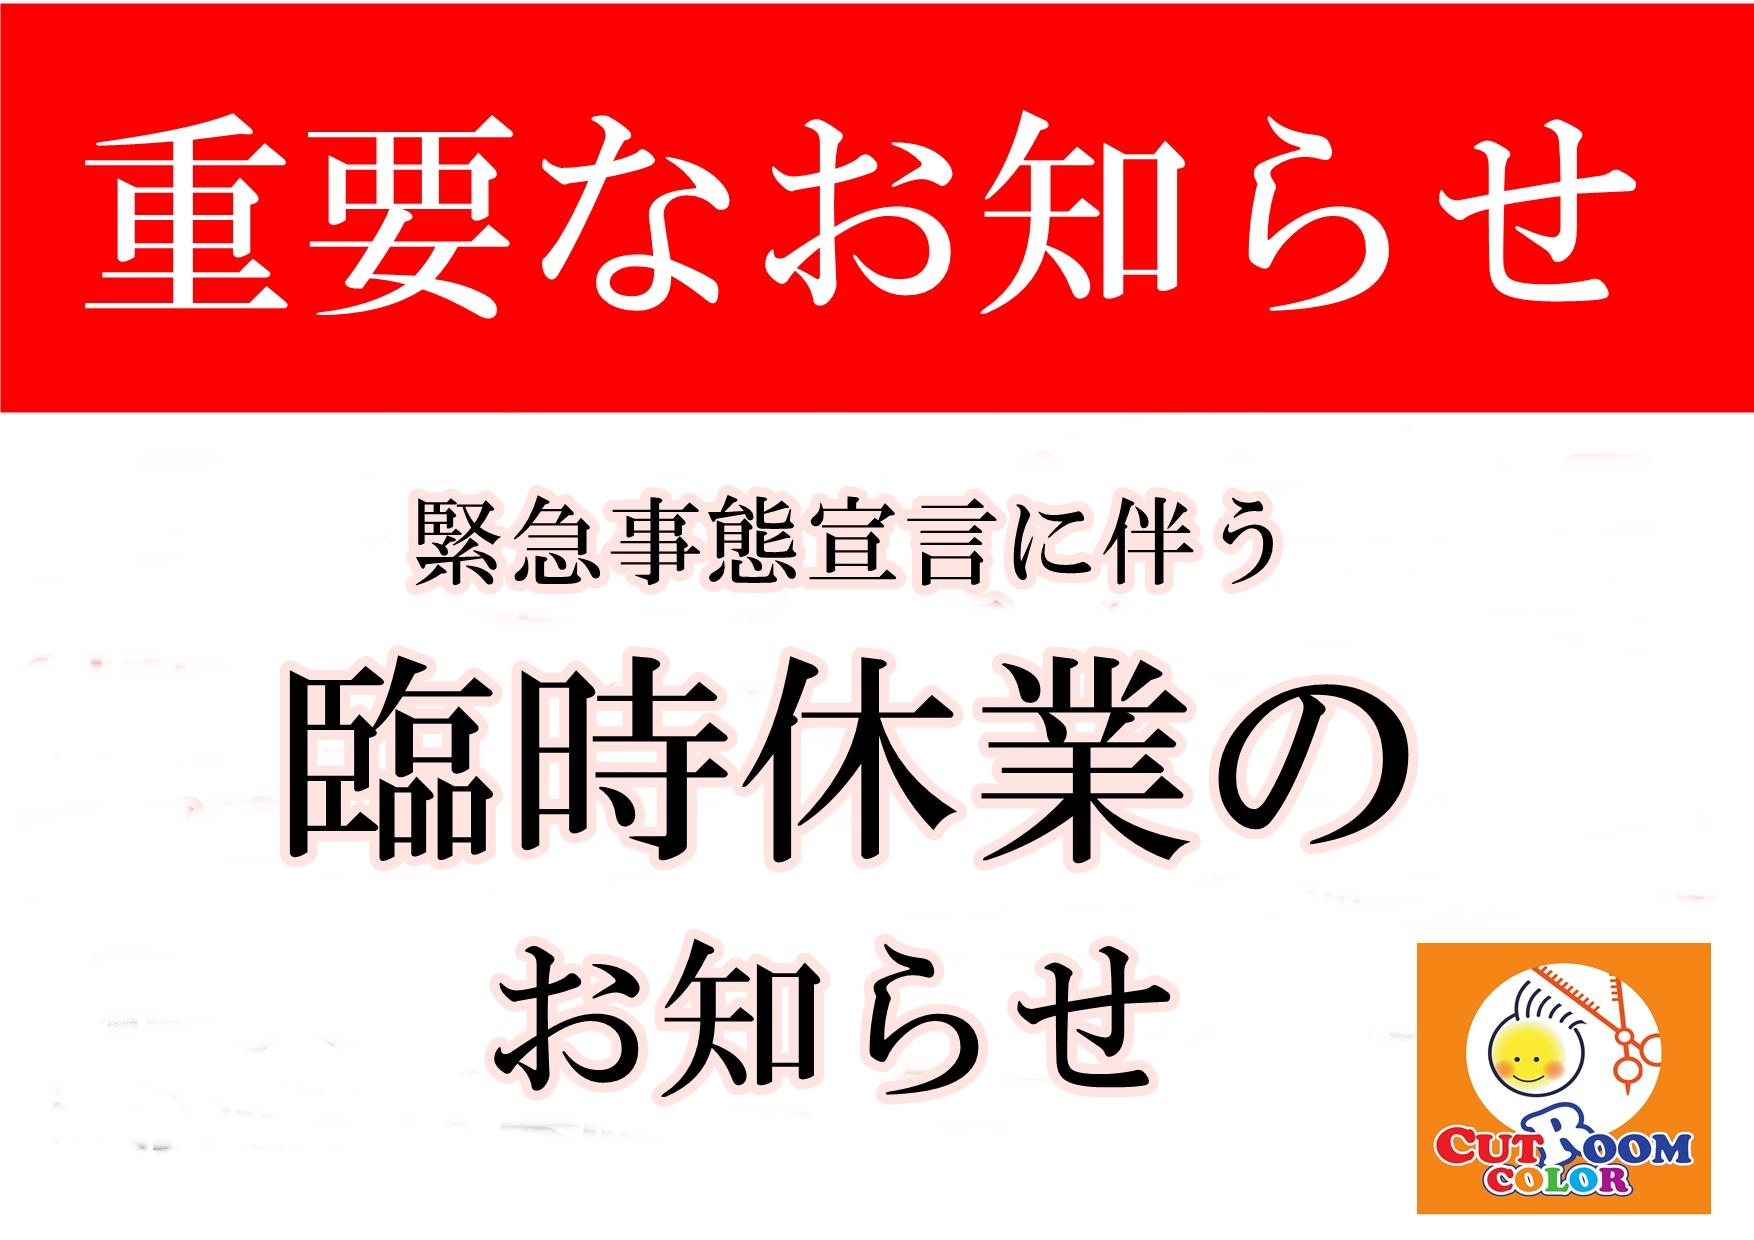 【重要】イオン専門店街臨時休館に伴い臨時休業のお知らせ